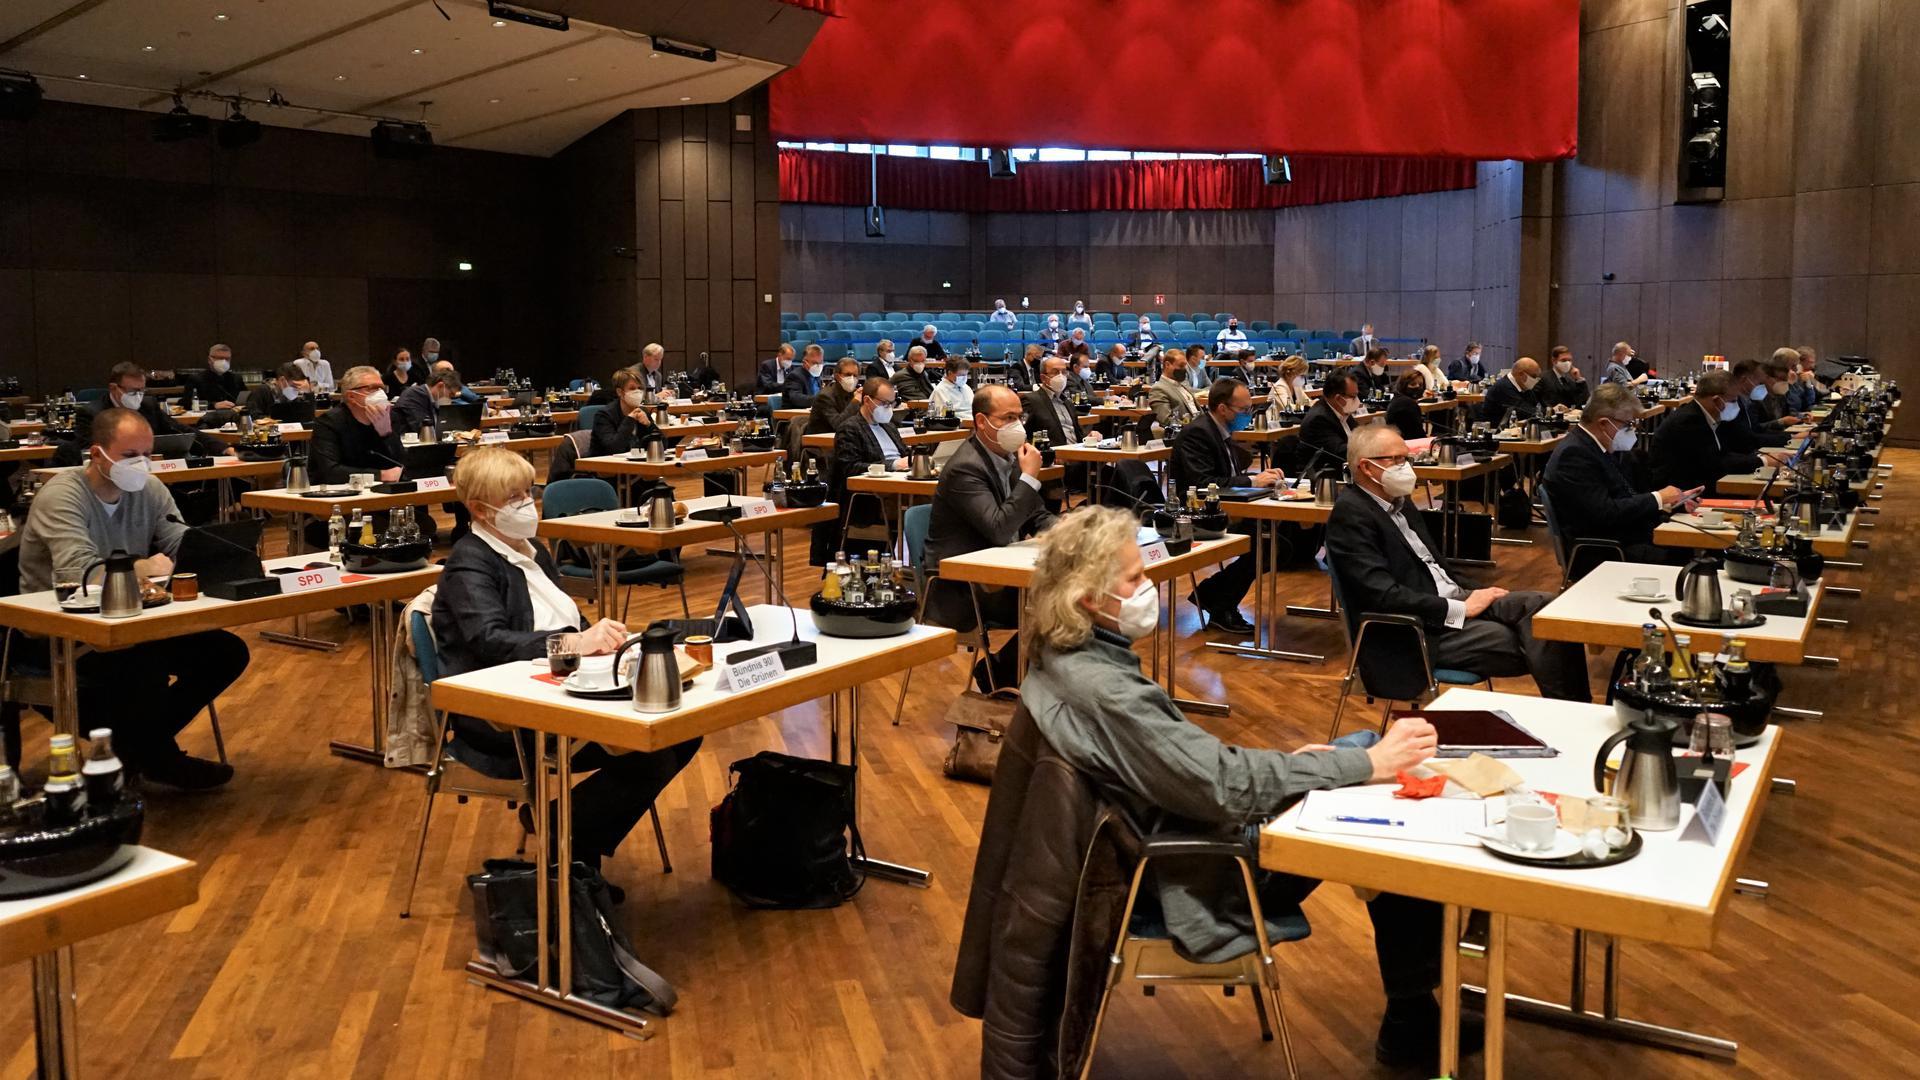 Eine Sitzung in einer großen Halle.